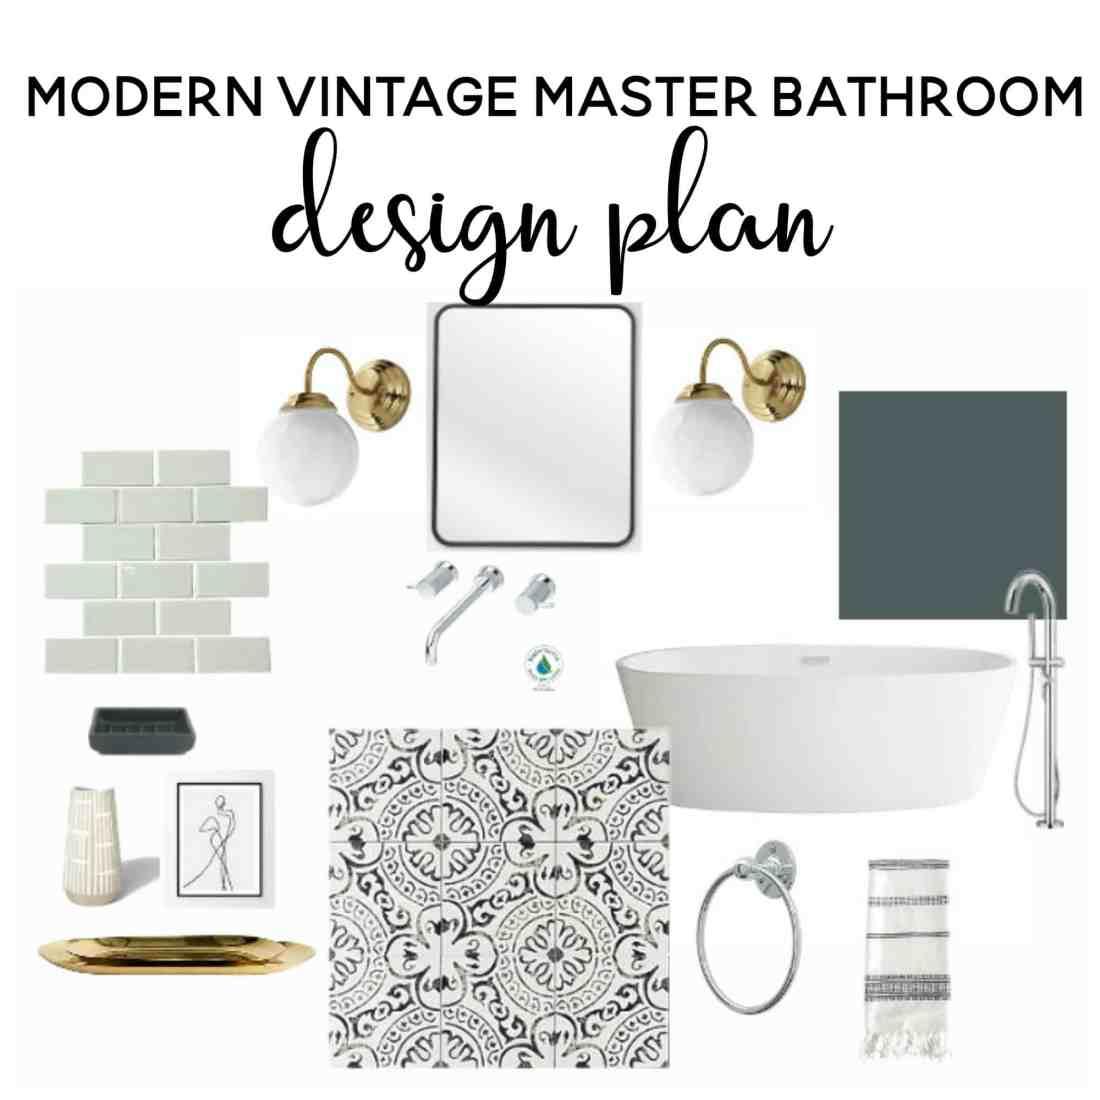 modern vintage master bathroom design plan | bathroom ideas | bathroom remodel | bathroom decor | master bathroom remodel | renovating on a budget | modern vintage bathroom | bathroom design ideas | bathroom design small | attic bathroom | bathroom ideas